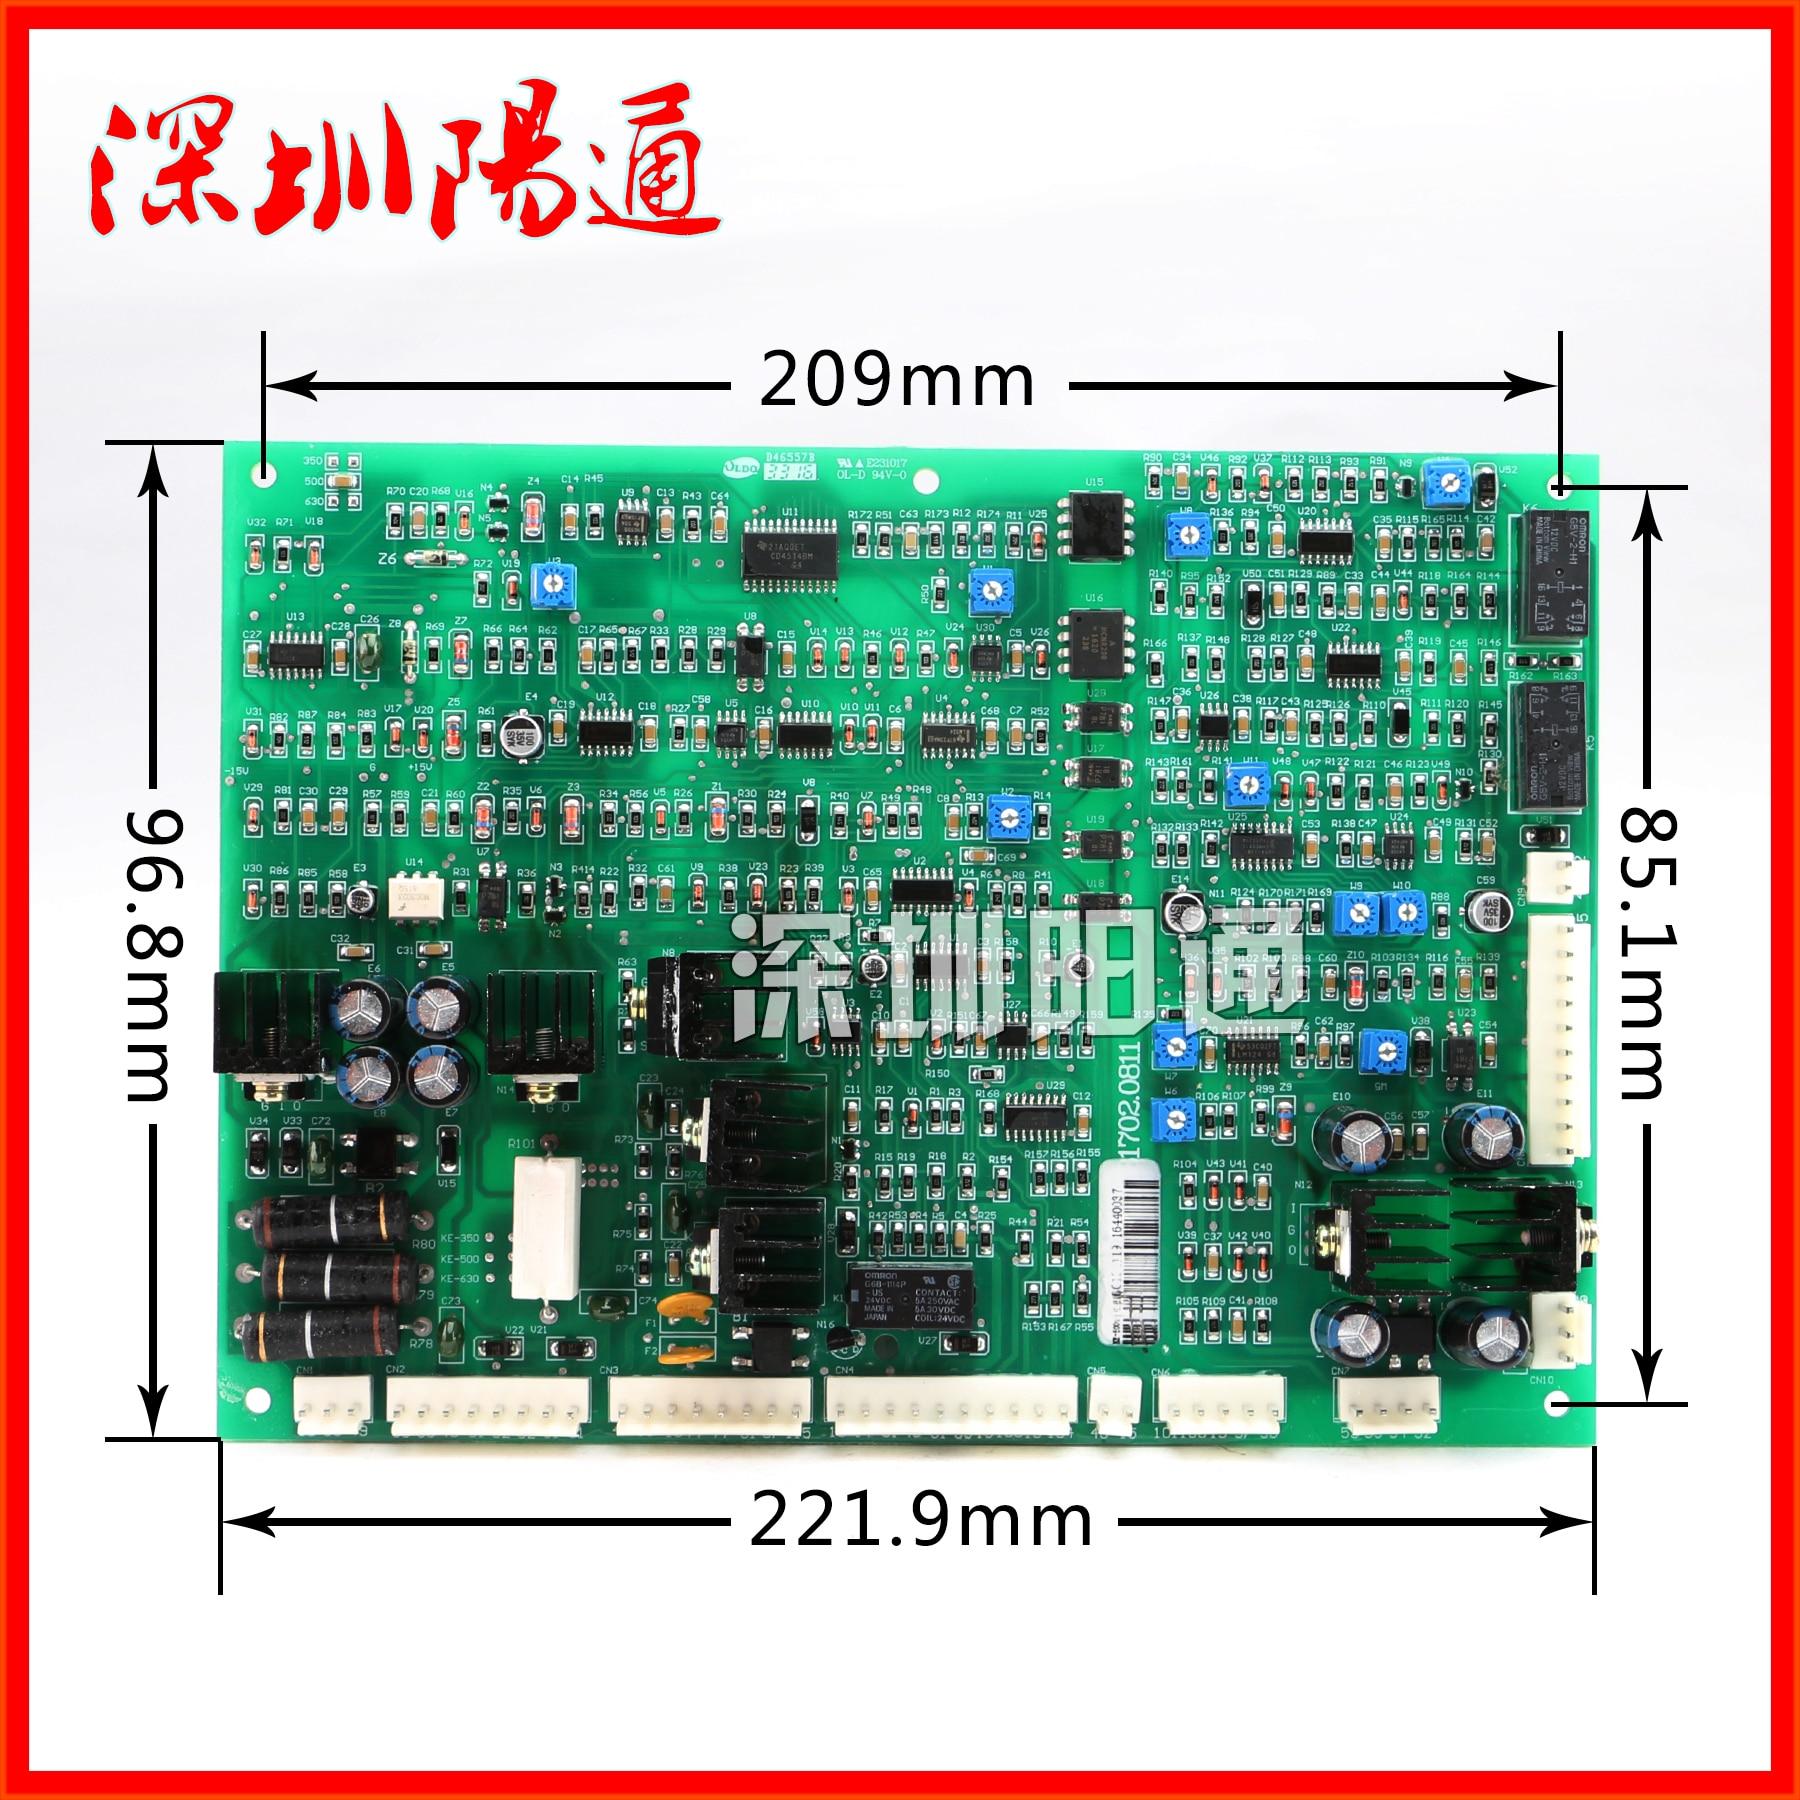 KE-350/500 Управление доска оригинальный новый завод два гарантировано сварочный аппарат материнская плата